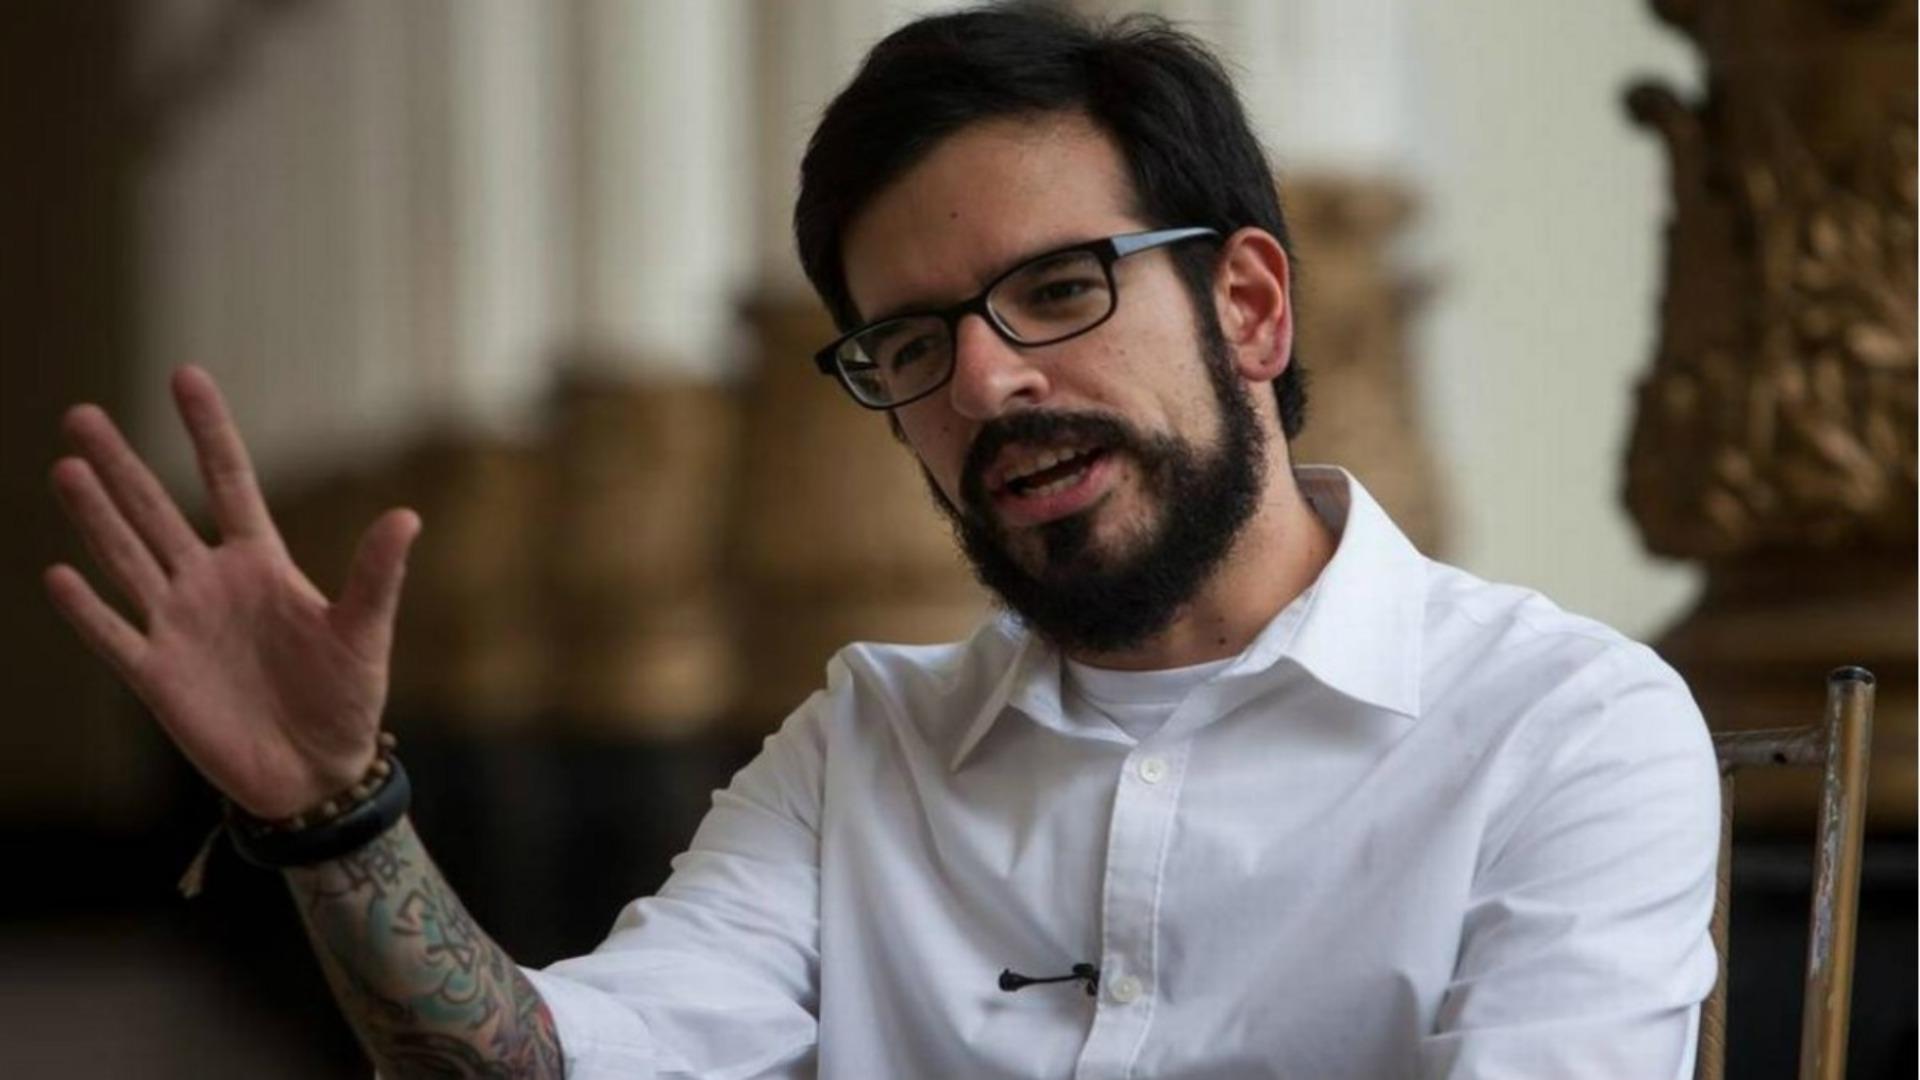 Pizarro: No basta con ayuda humanitaria si no hay cambio político